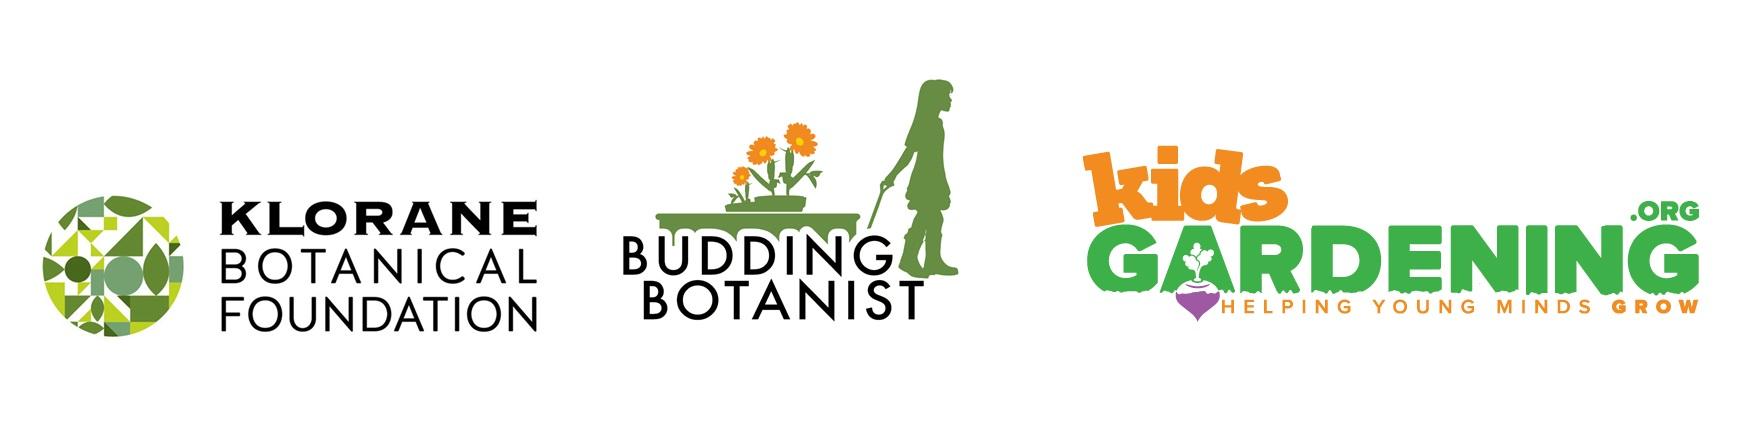 LA's Rosemead High School named winner of 2018 Budding Botanist Grant